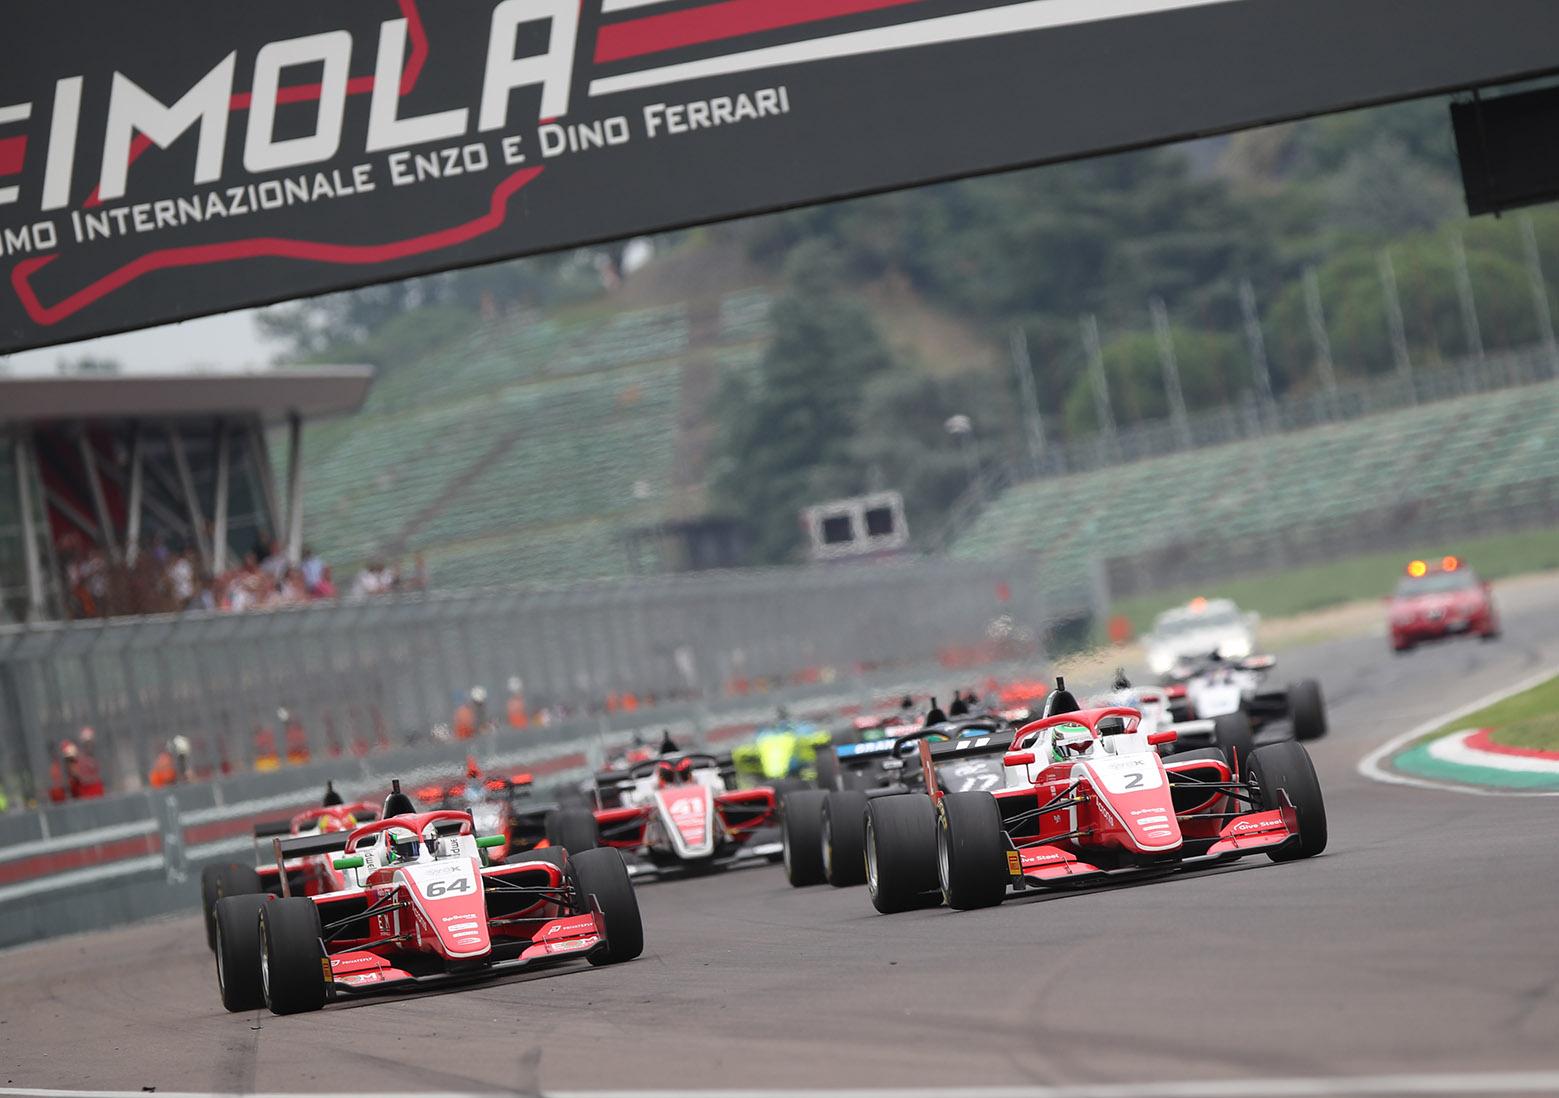 Automobilismo, i risultati dell'Aci Racing Weekend di Imola